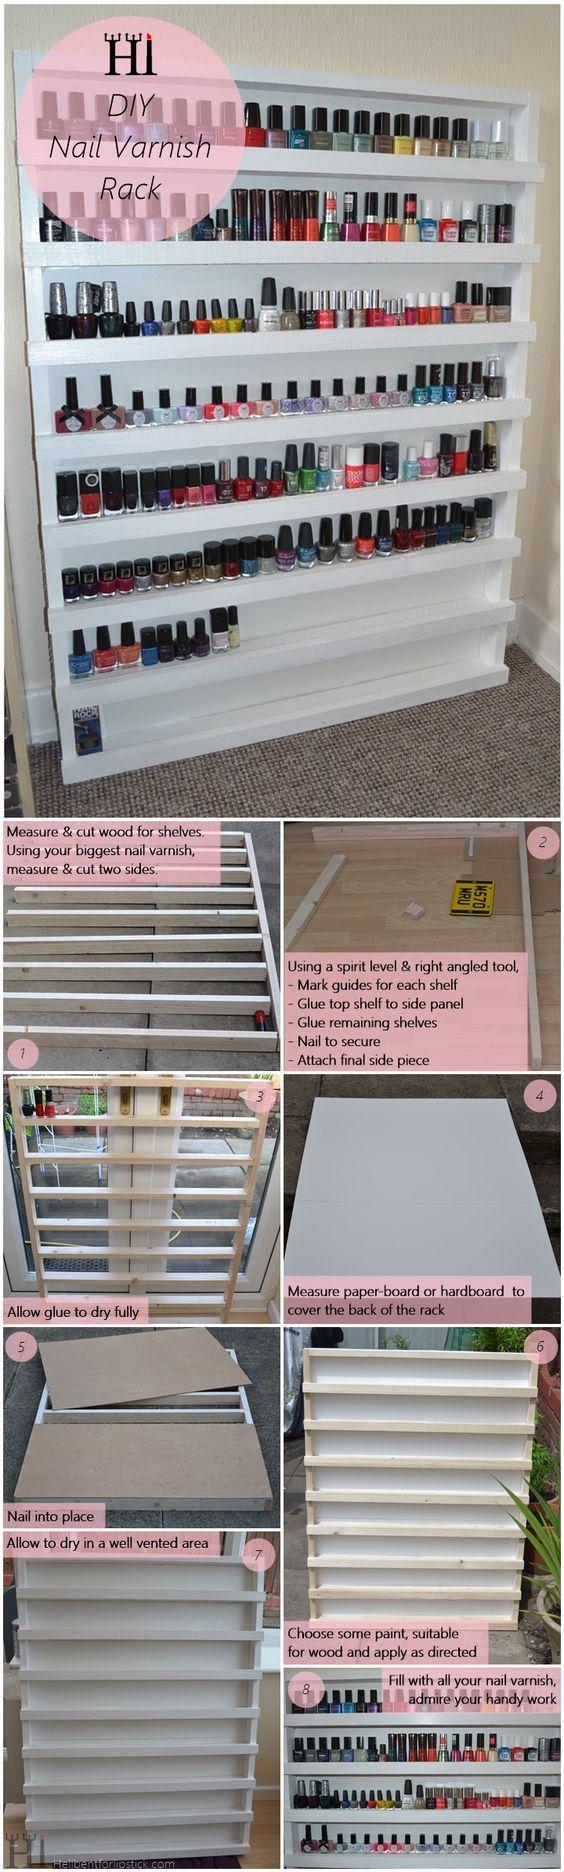 DIY Nail Varnish Rack Storage